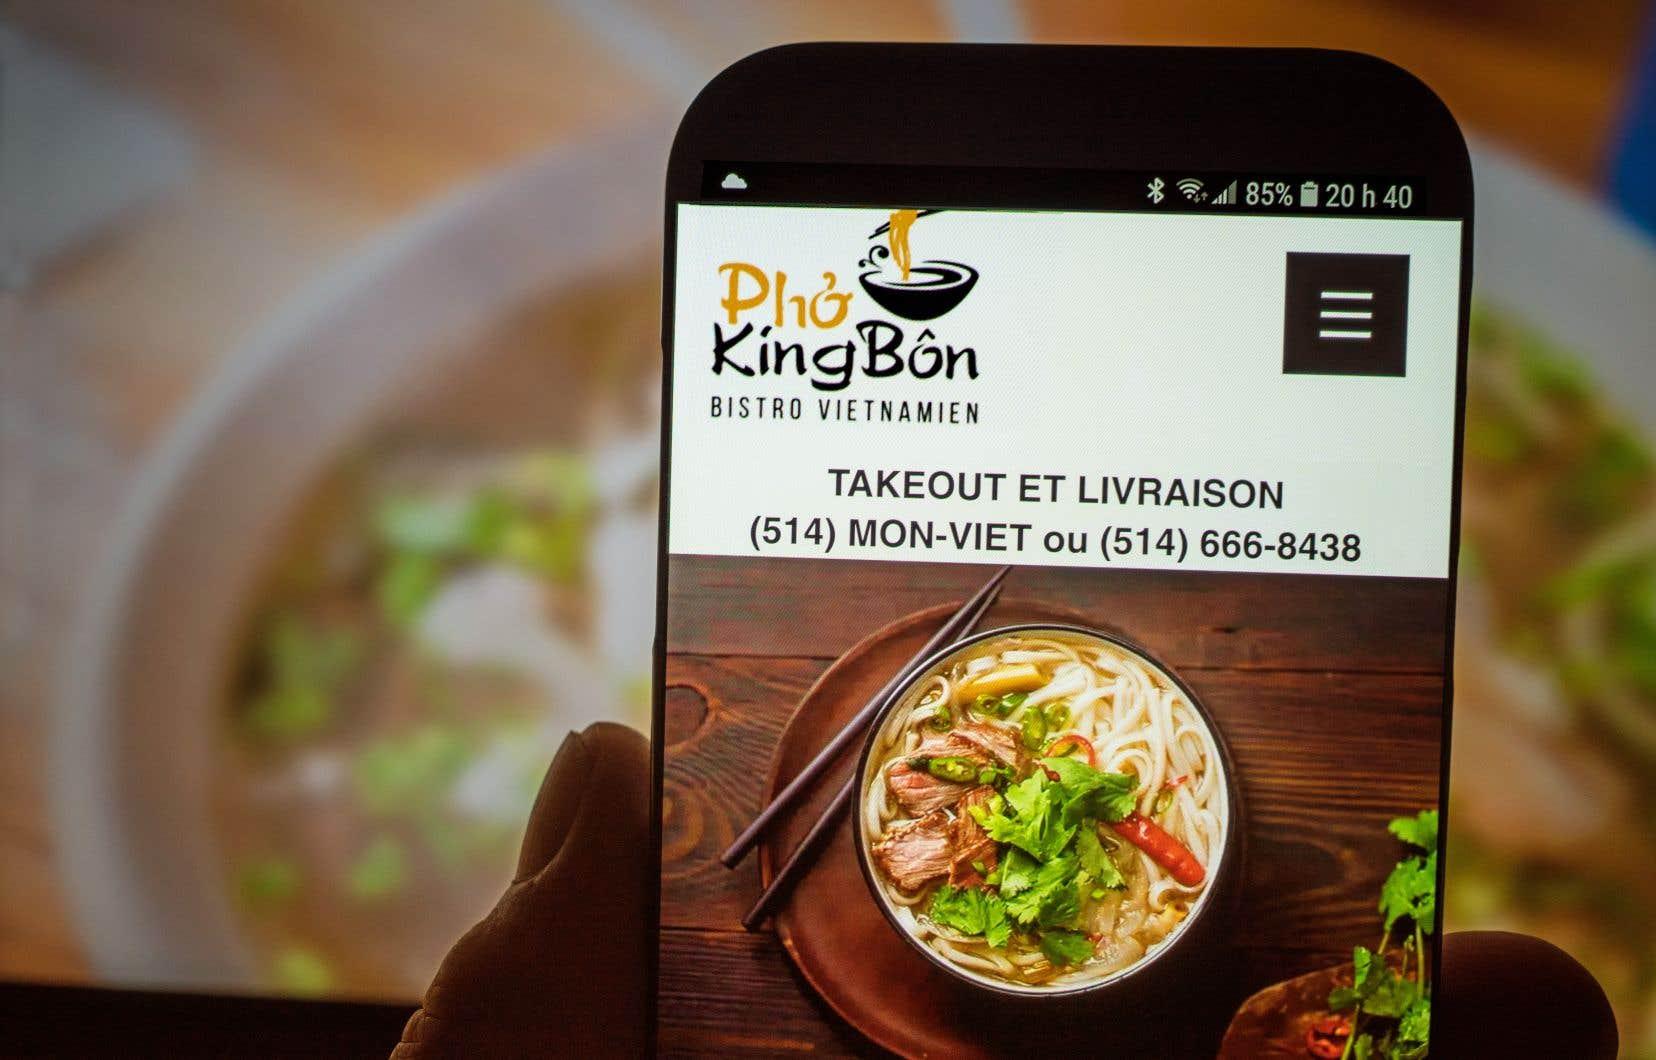 Le Pho King Bon a officiellement ouvert ses portes samedi dernier.